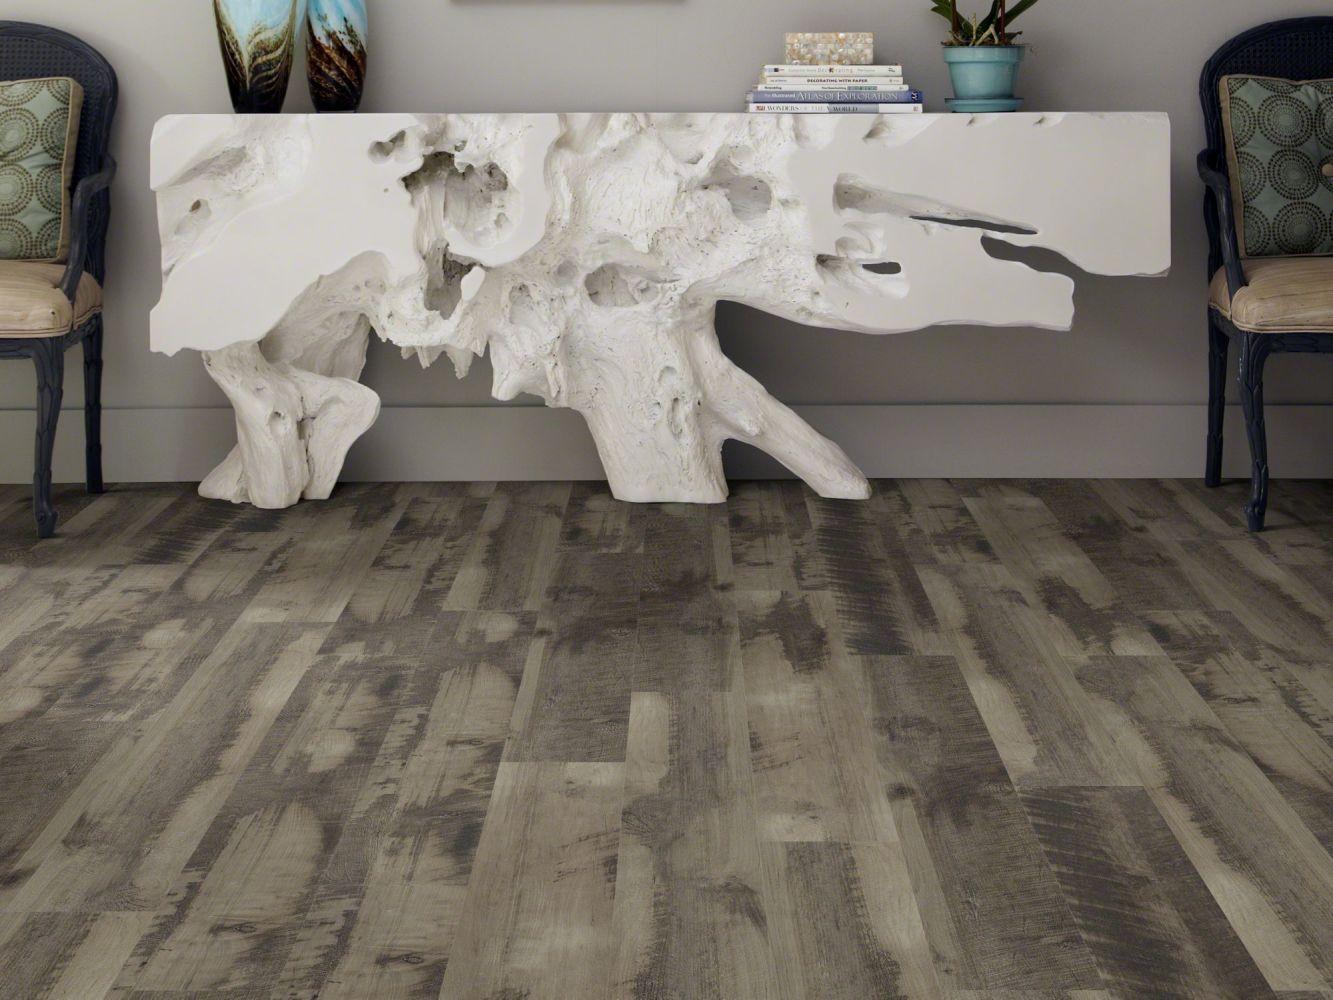 Shaw Floors Resilient Residential Endura 512g Plus Neutral Oak 00562_0802V